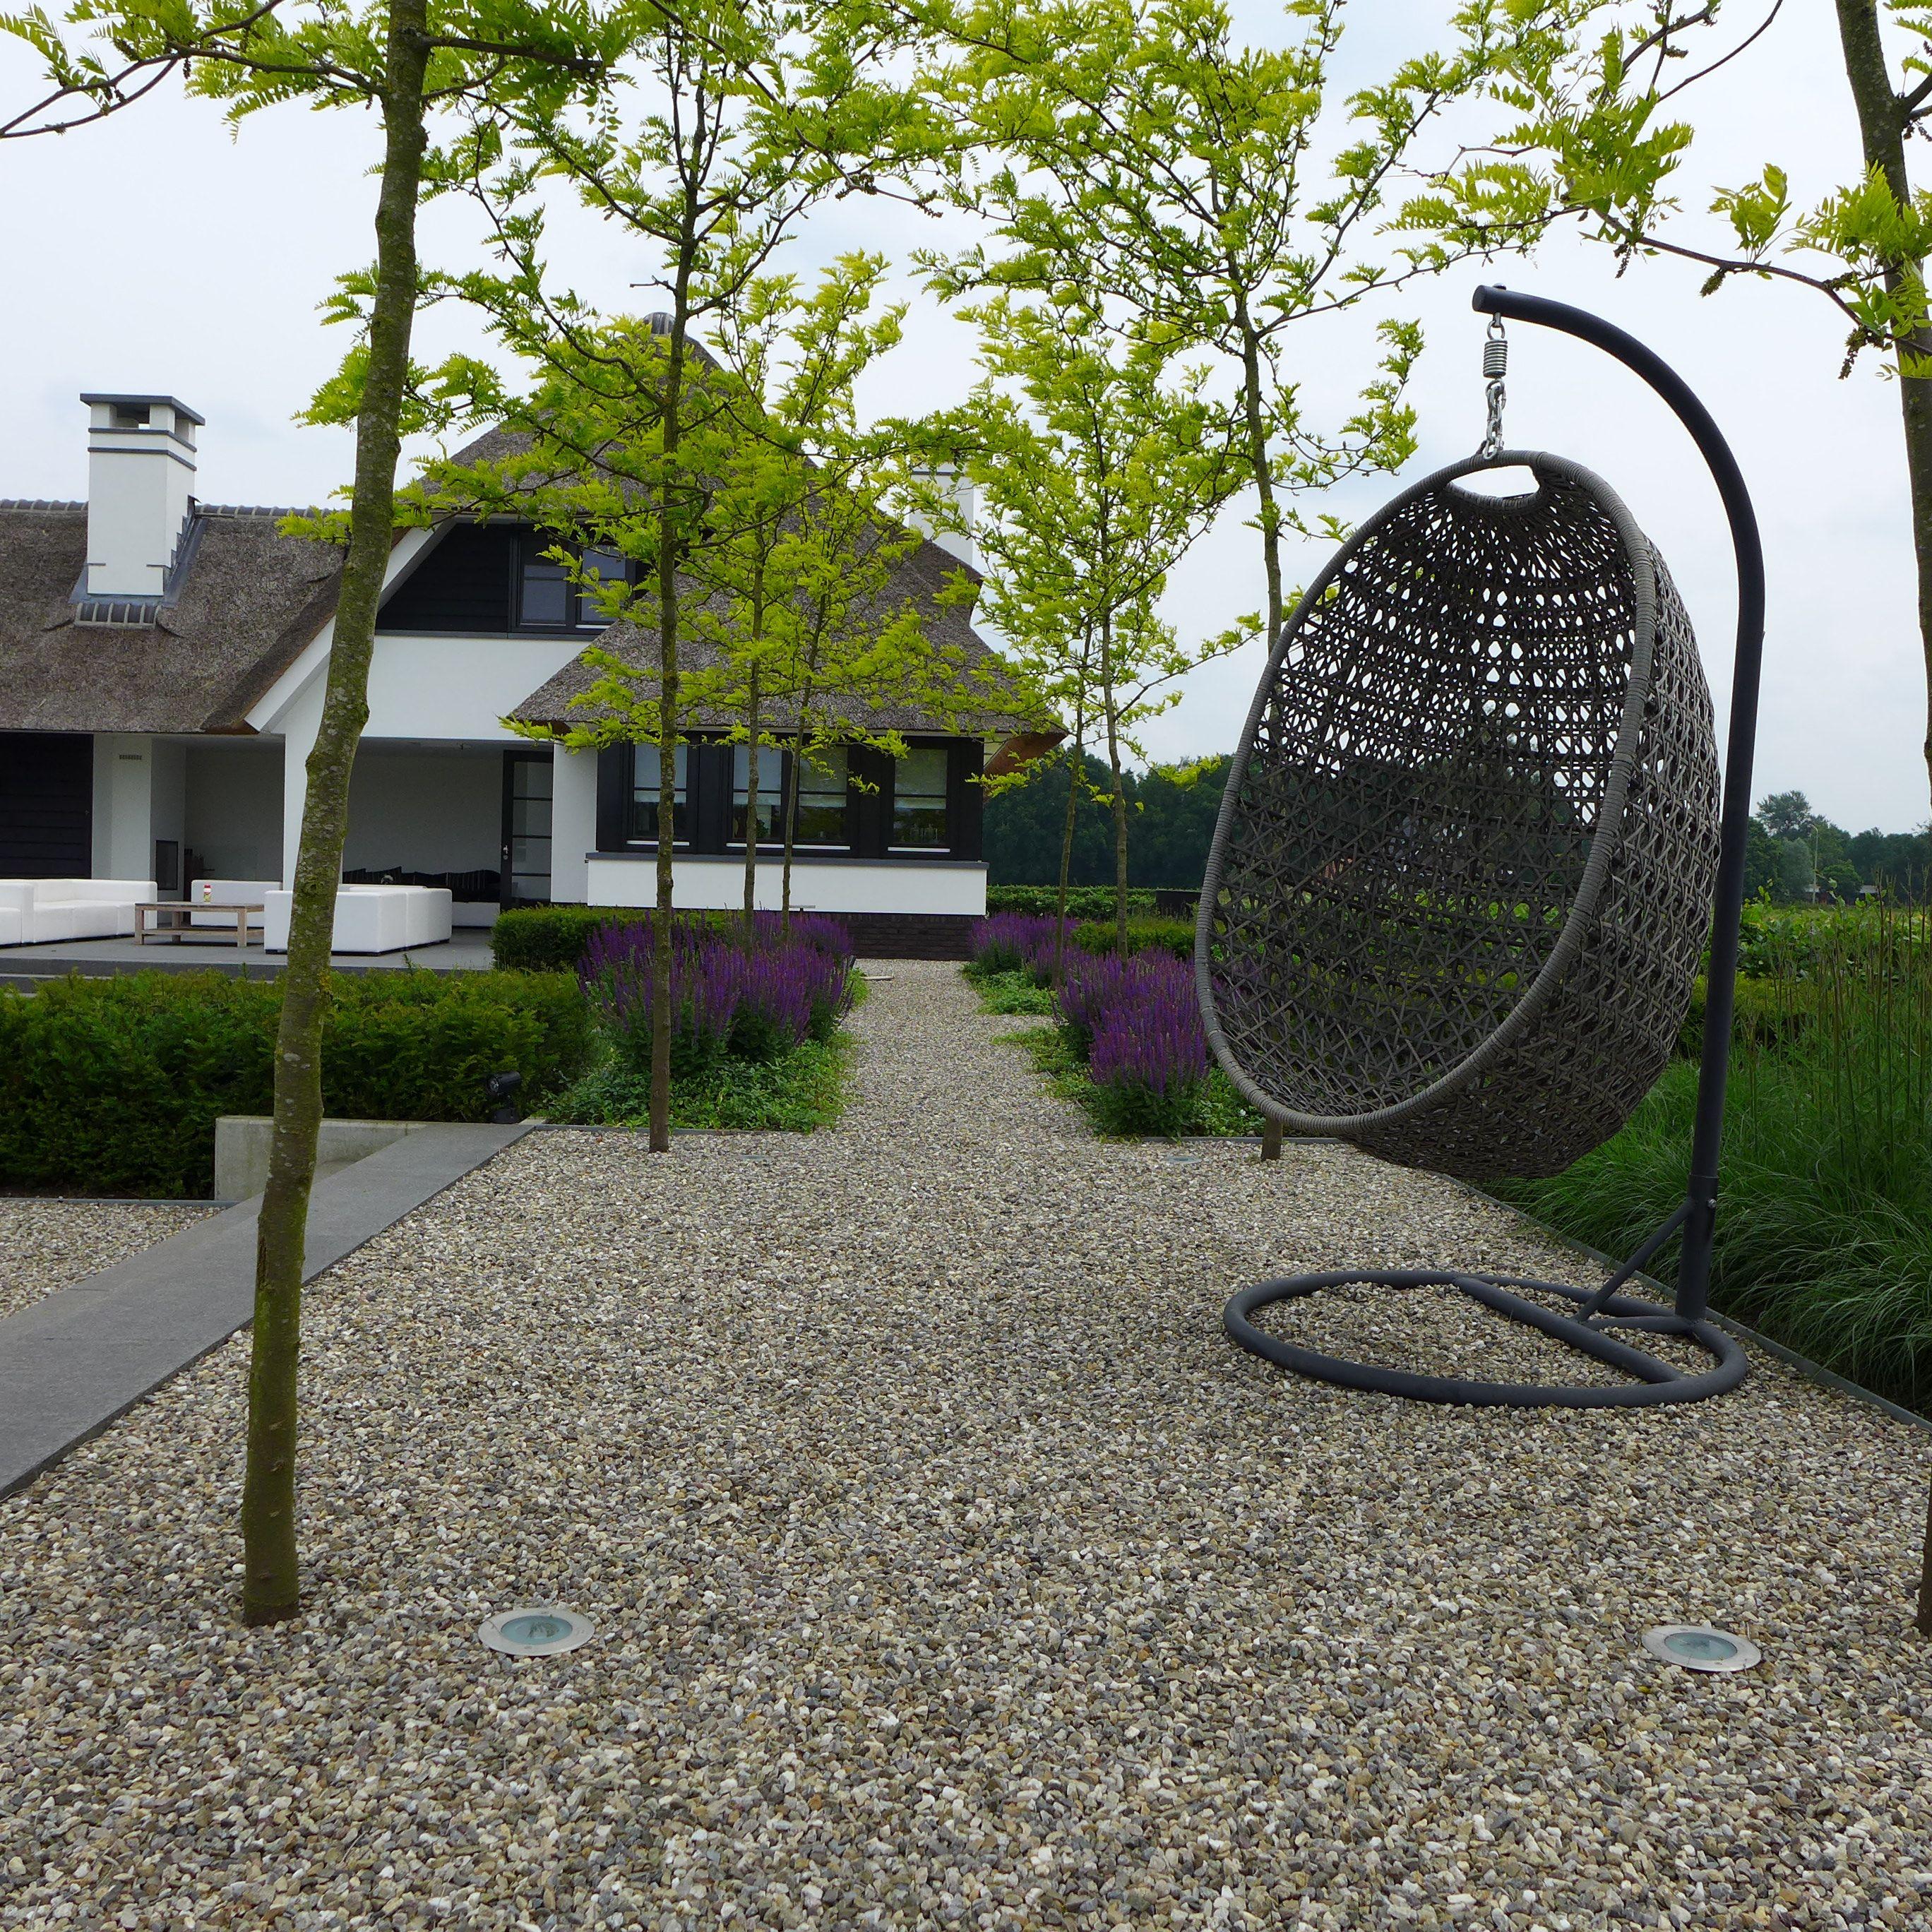 Moderne tuin hang stoel riet tuinmeubelen www for Stoel tuin